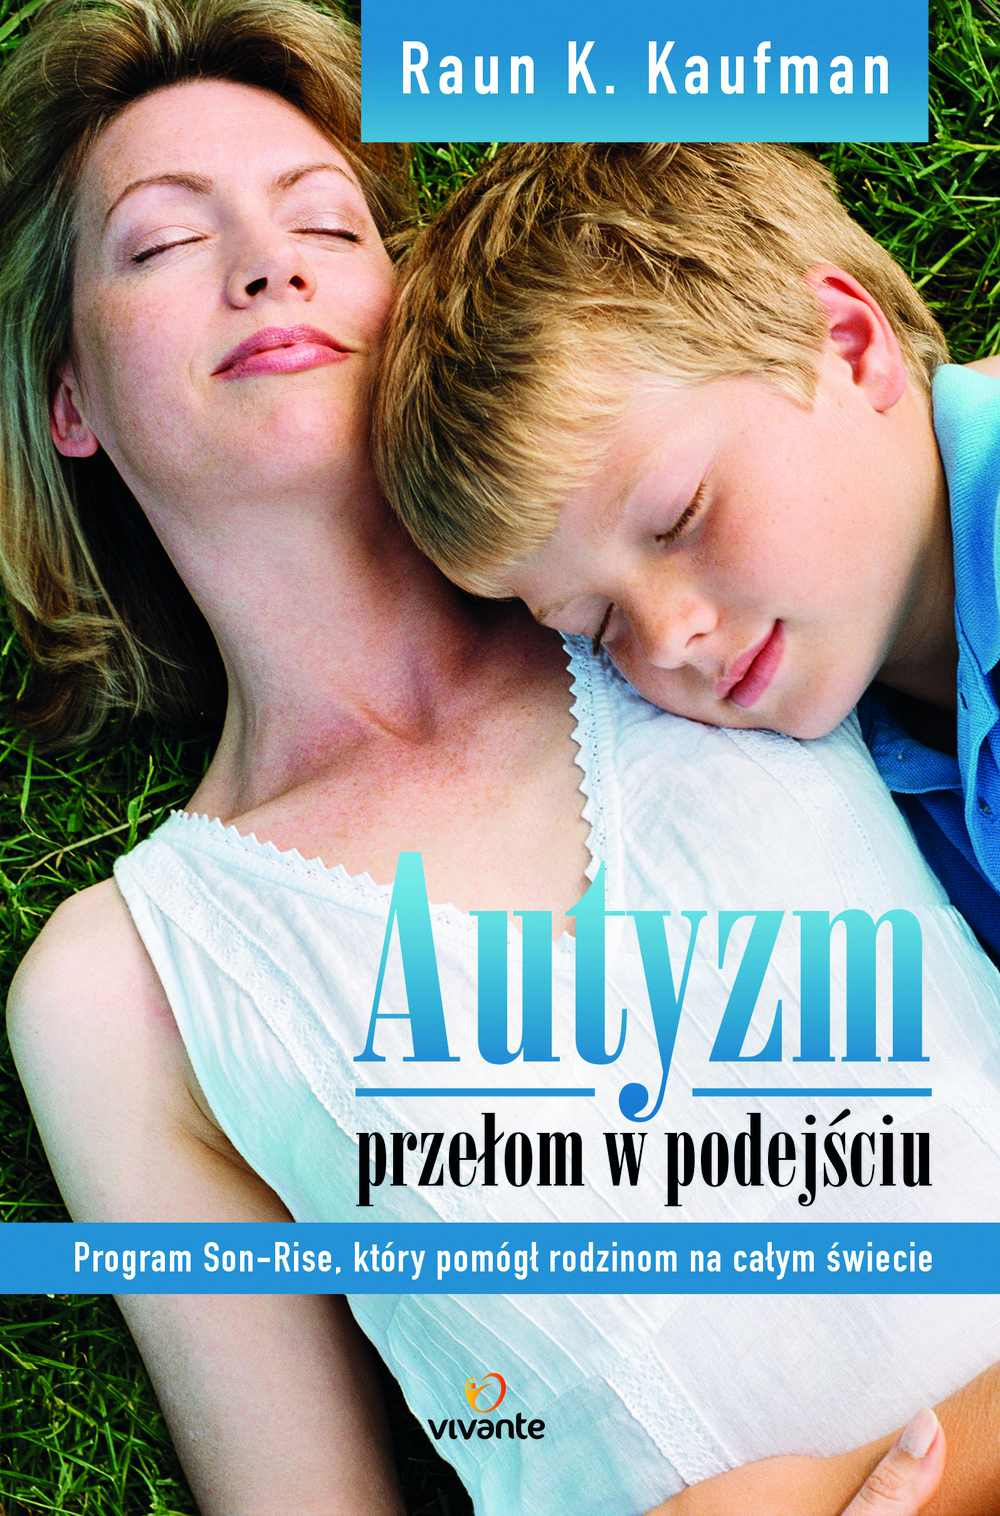 Autyzm. Przełom w podejściu. Program Son-Rise, który pomógł rodzinom na całym świecie - Ebook (Książka na Kindle) do pobrania w formacie MOBI